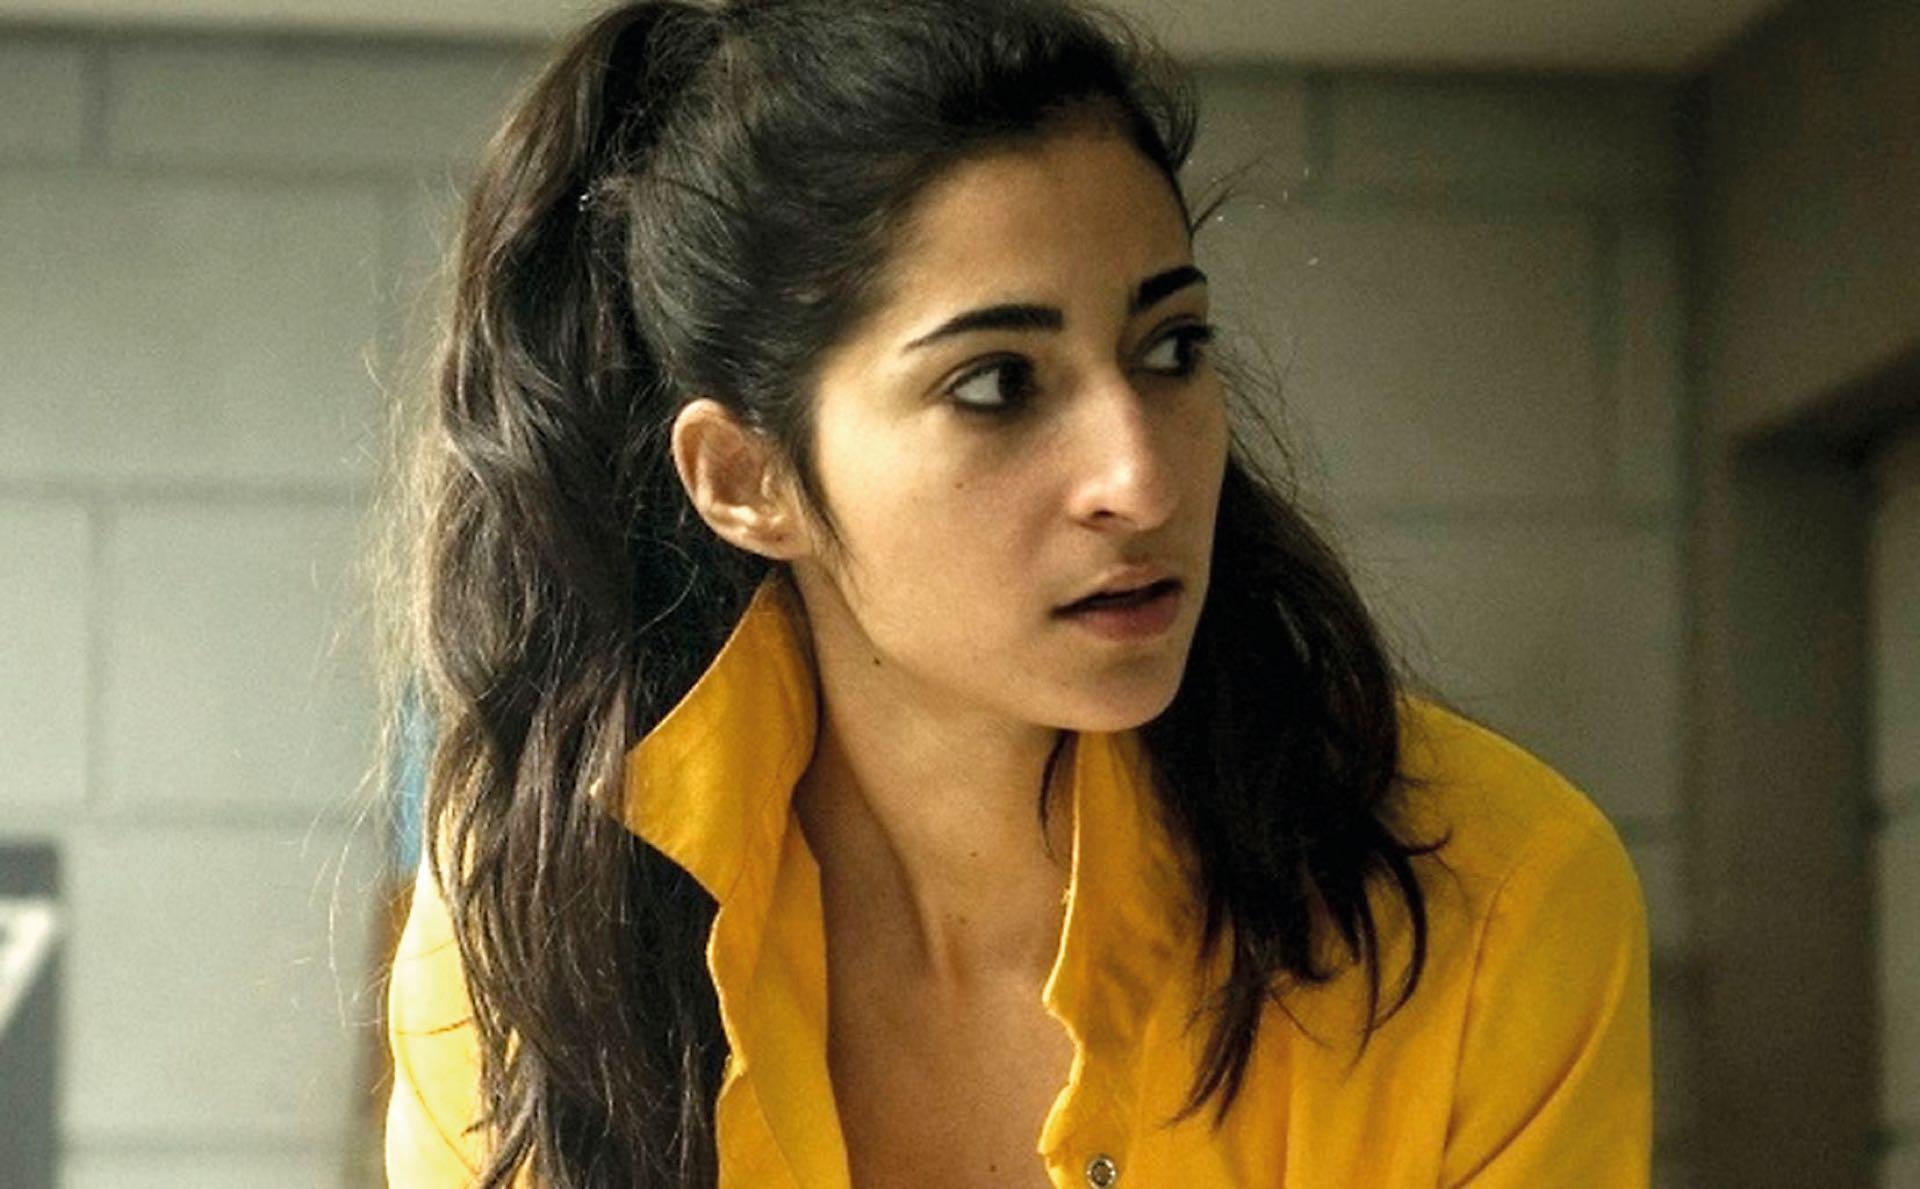 Es la protagonista de la serie Vis a vis que empezó en 2015 y de la cual se está filmando la tercera temporada